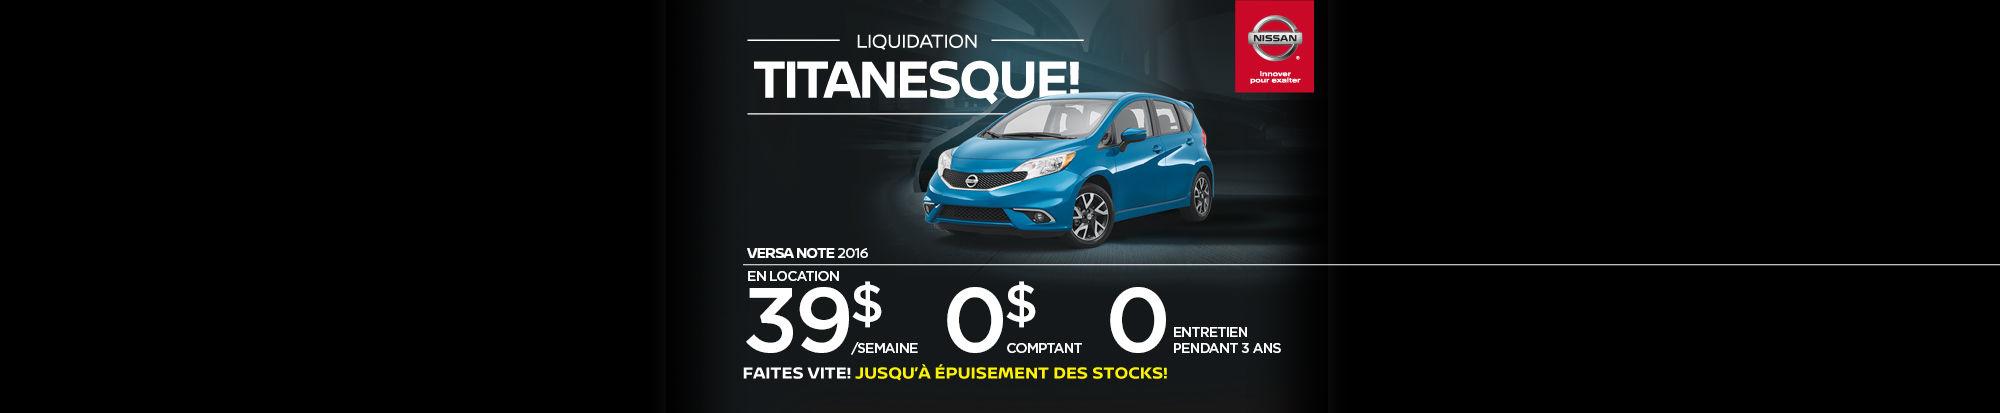 Liquidation titanesque - Versa Note